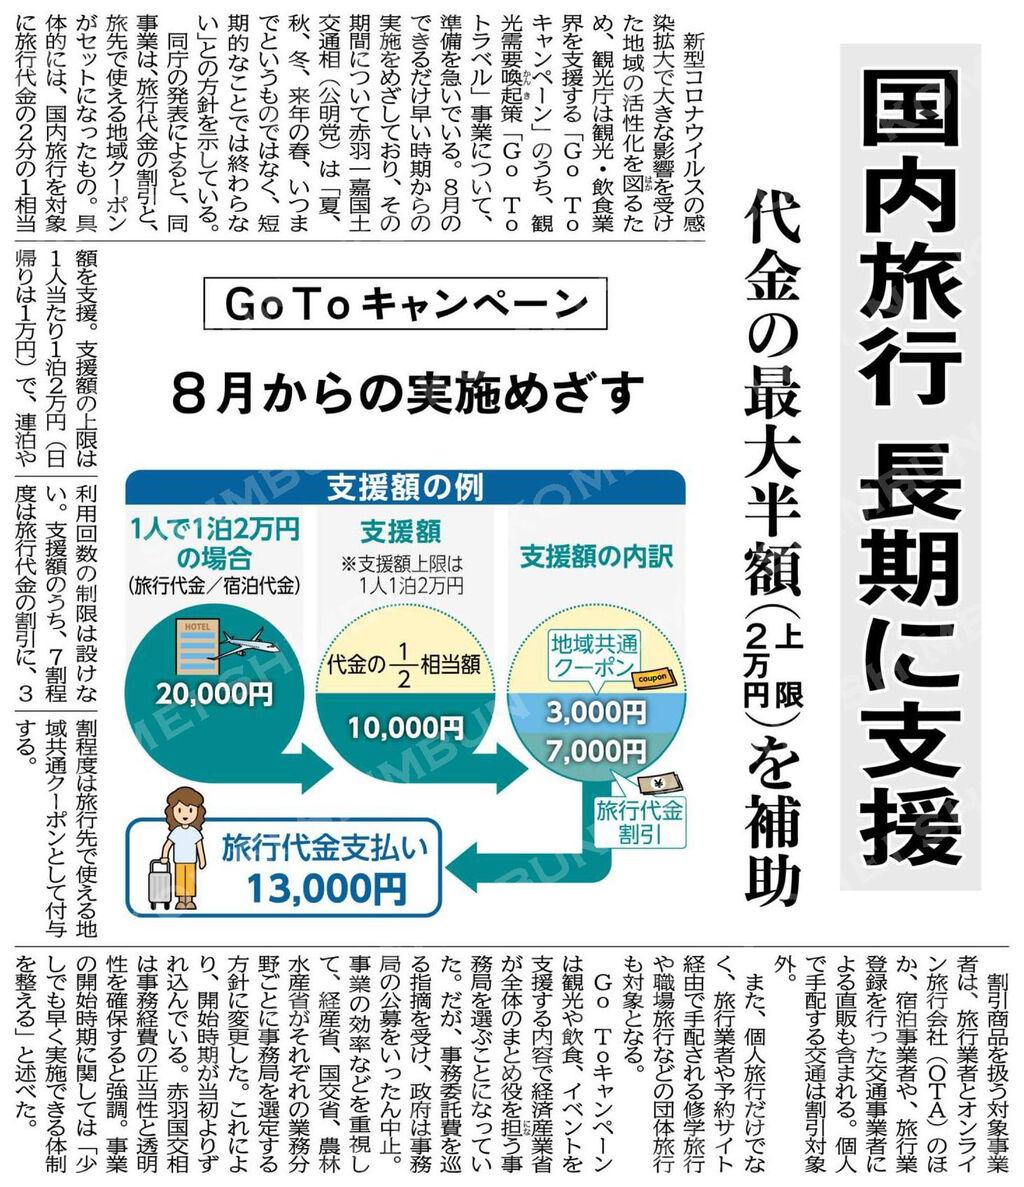 【朗報】Go To キャンペーン「経済省の民間委託」22日から開始、宿泊代割引など!!!!!